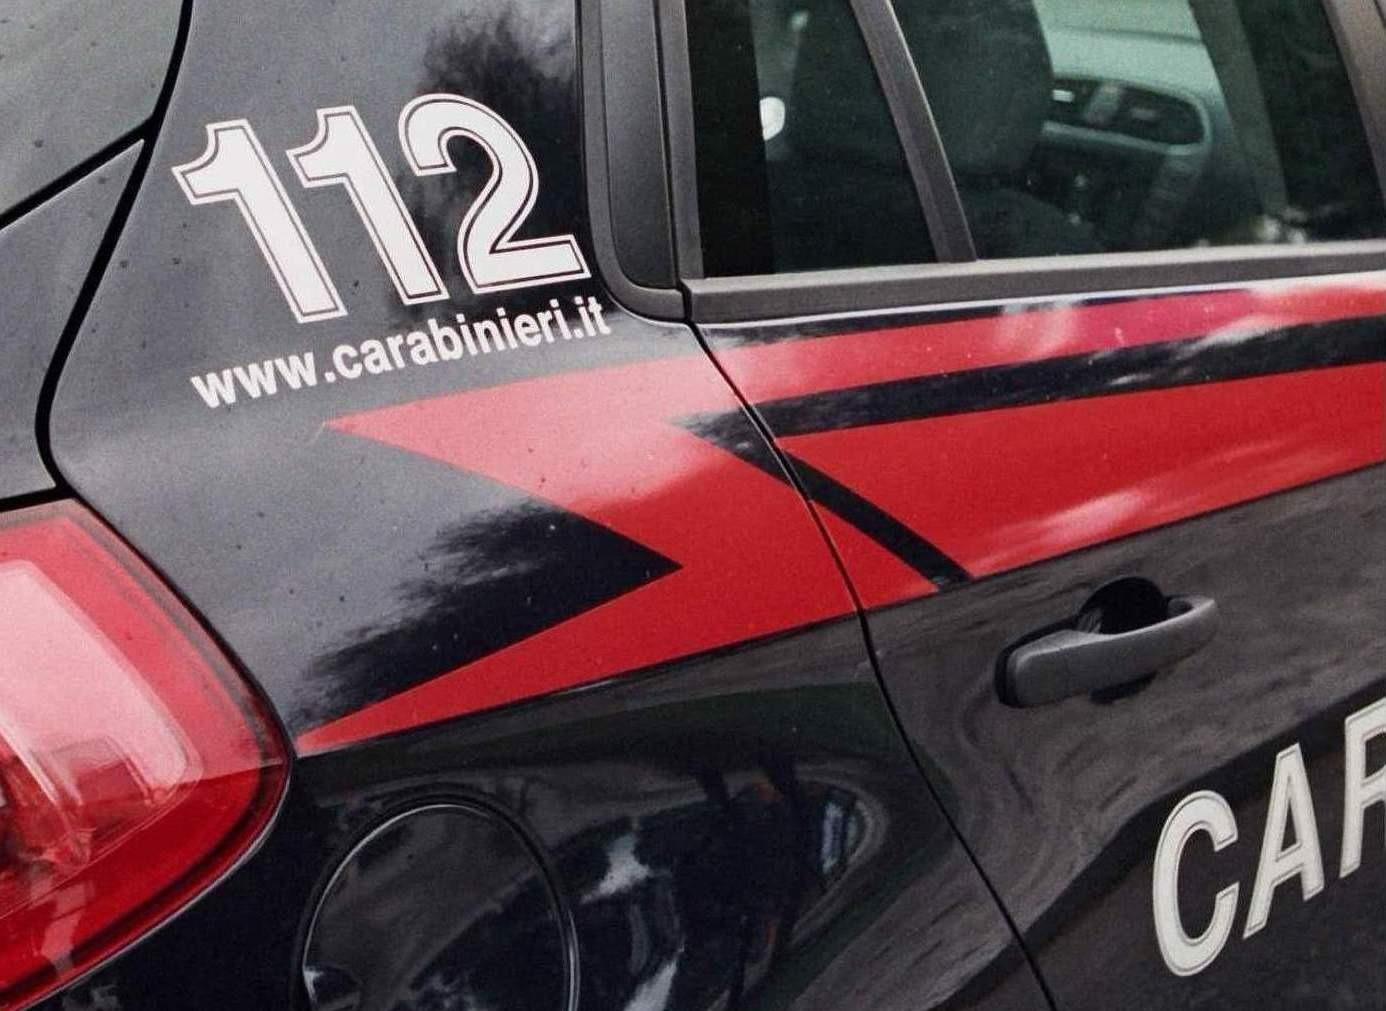 Ricambi auto a prezzo conveniente, ma è una truffa: denunciato 30enne